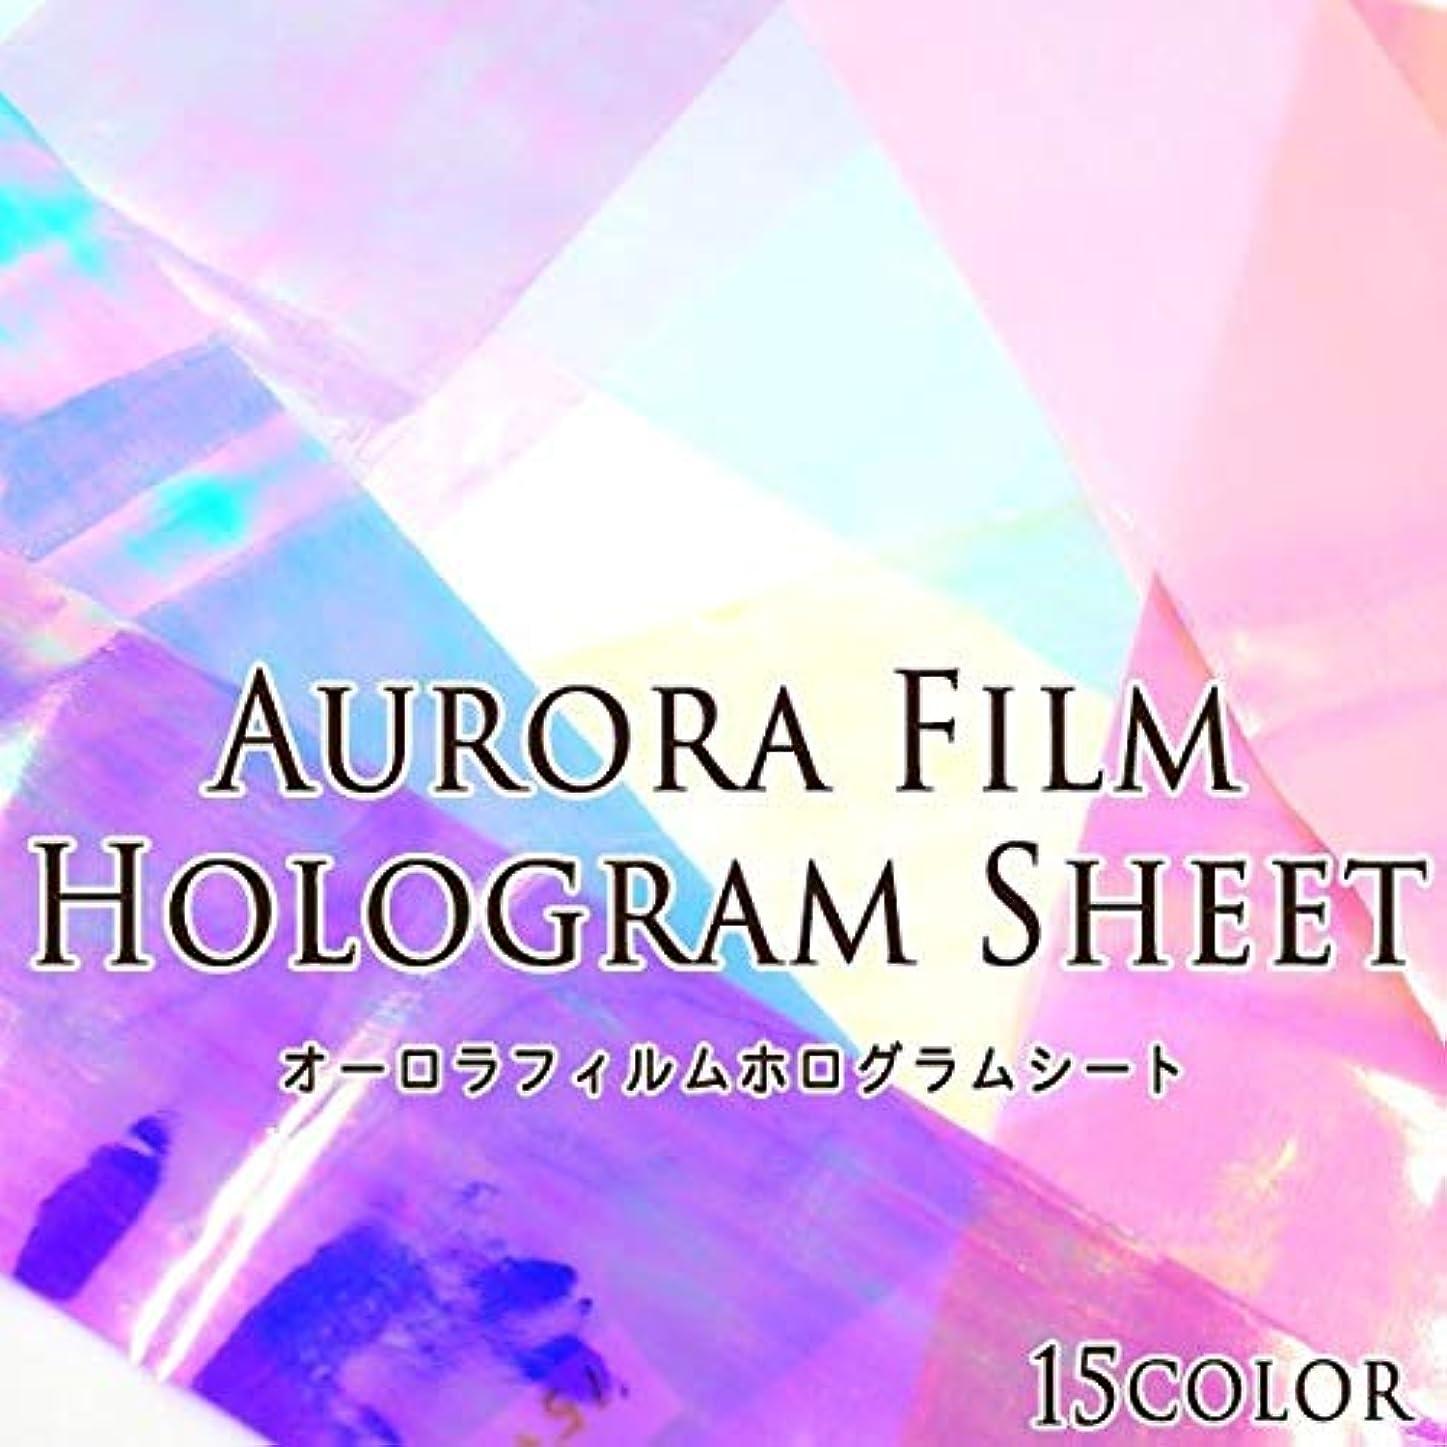 デコラティブレバー明るいオーロラフィルム ホログラムシート 1枚入 (11.ライトピンク 17#)